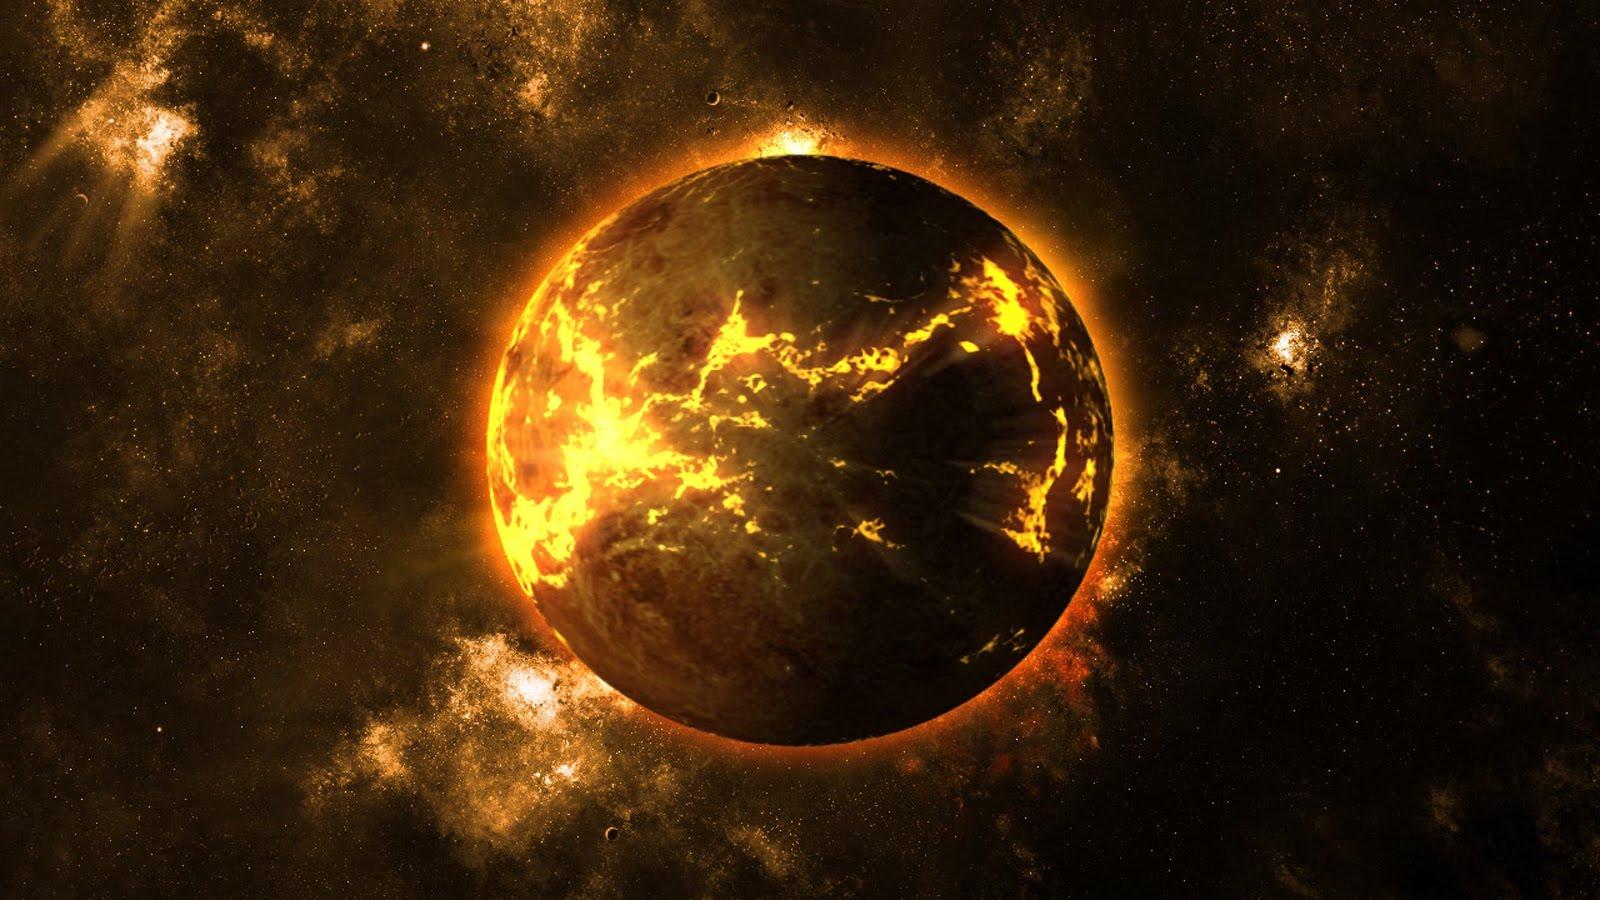 Τι συμβαίνει όταν πεθαίνει ένας πλανήτης; (vid)